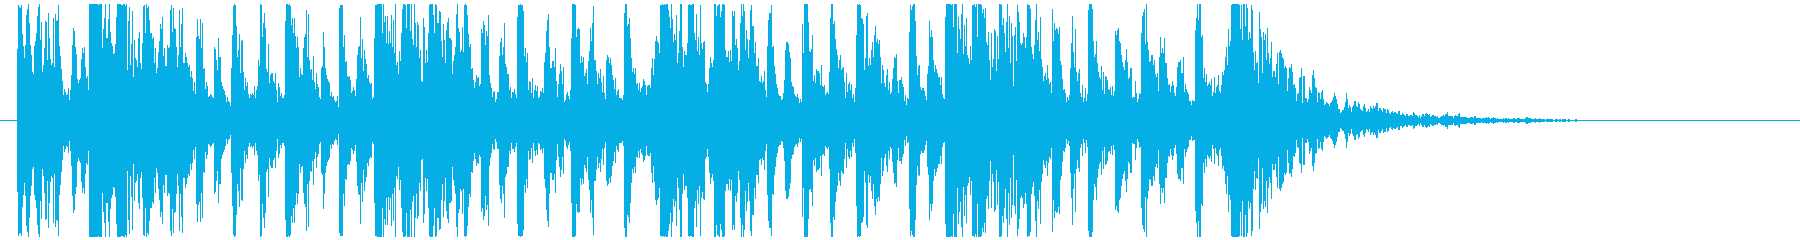 和太鼓のフレーズ1。残響なしBPM120の再生済みの波形